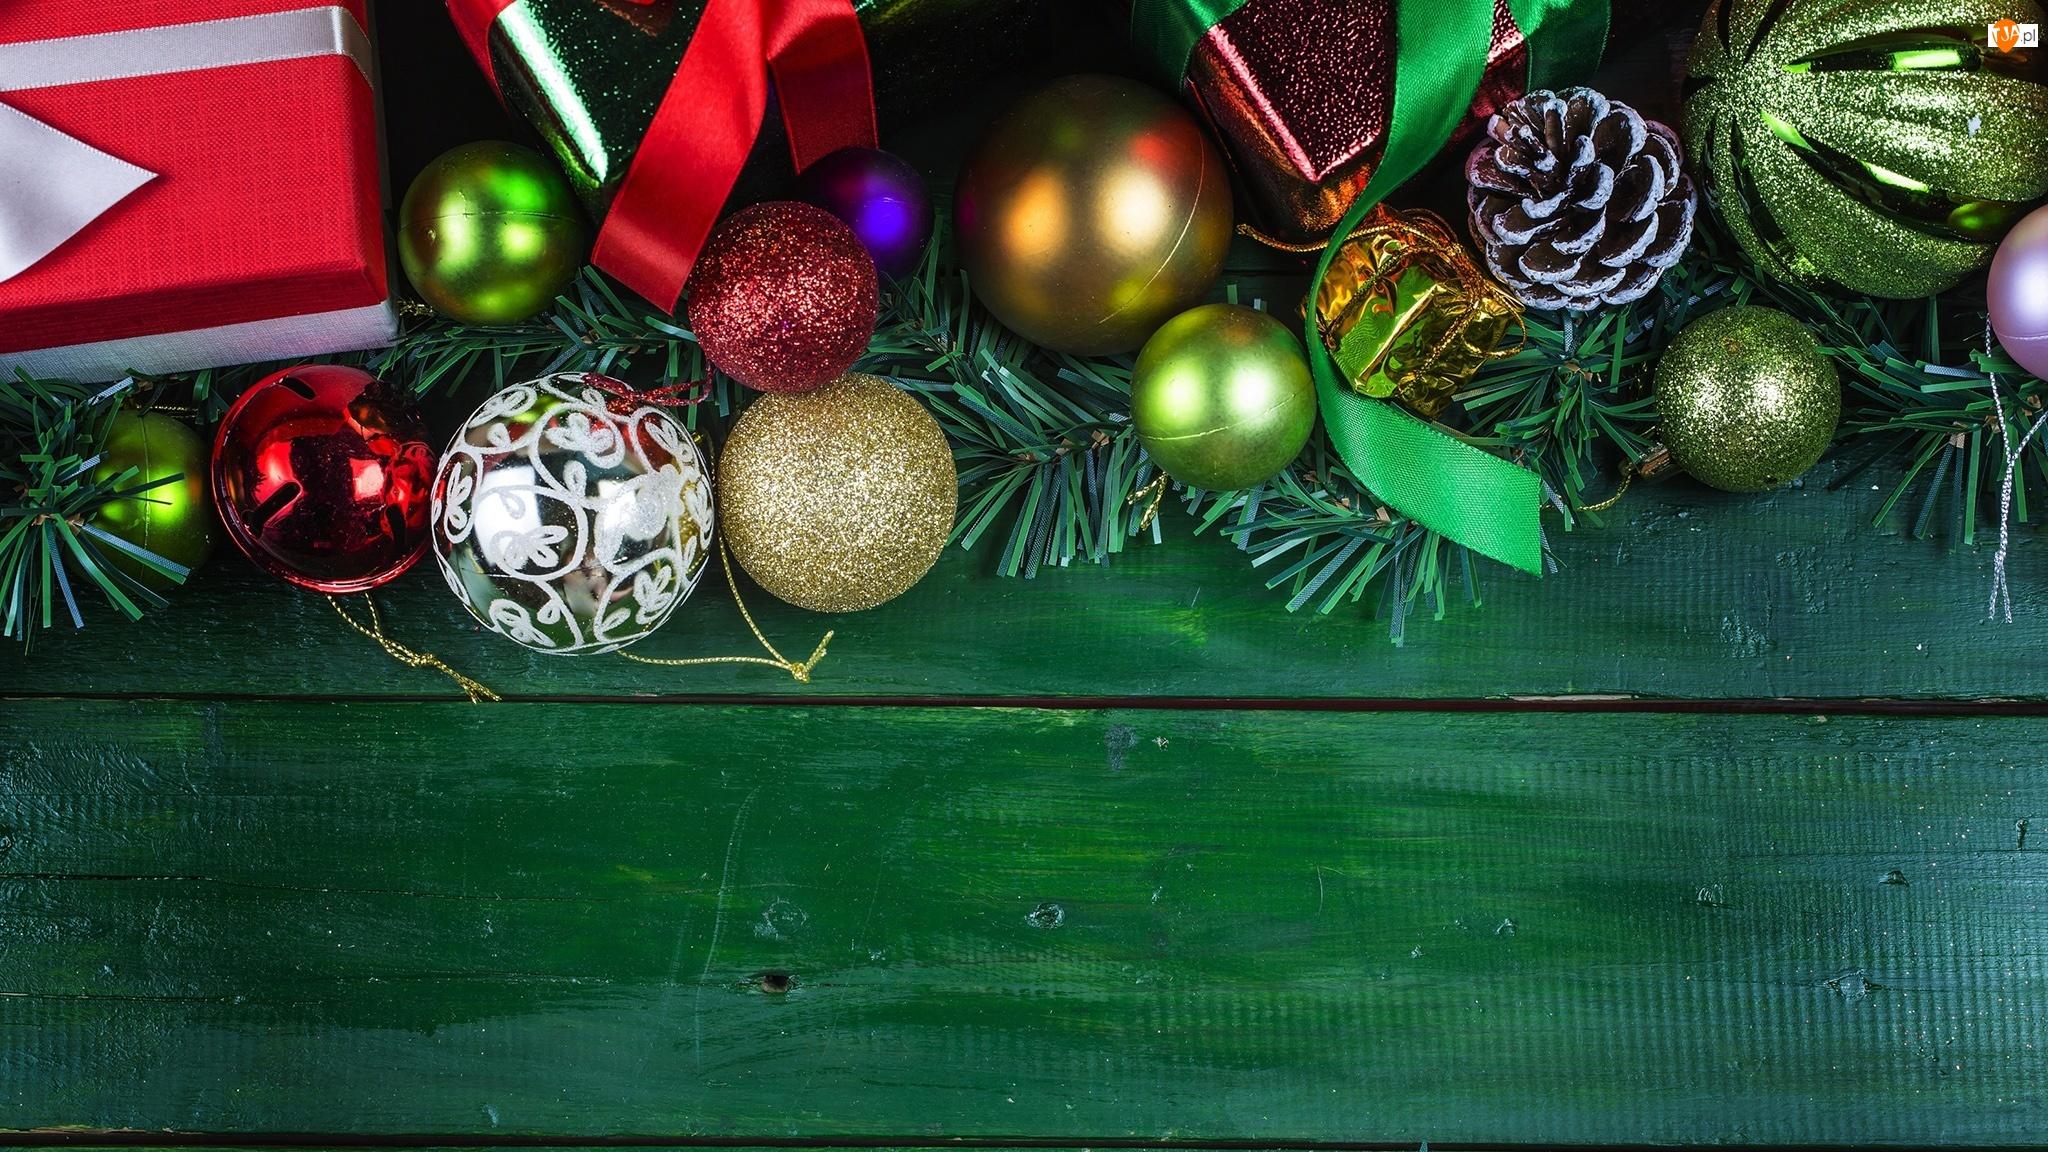 Bombki, Gałązki, Deski, Boże Narodzenie, Zielone, Prezenty, Szyszka